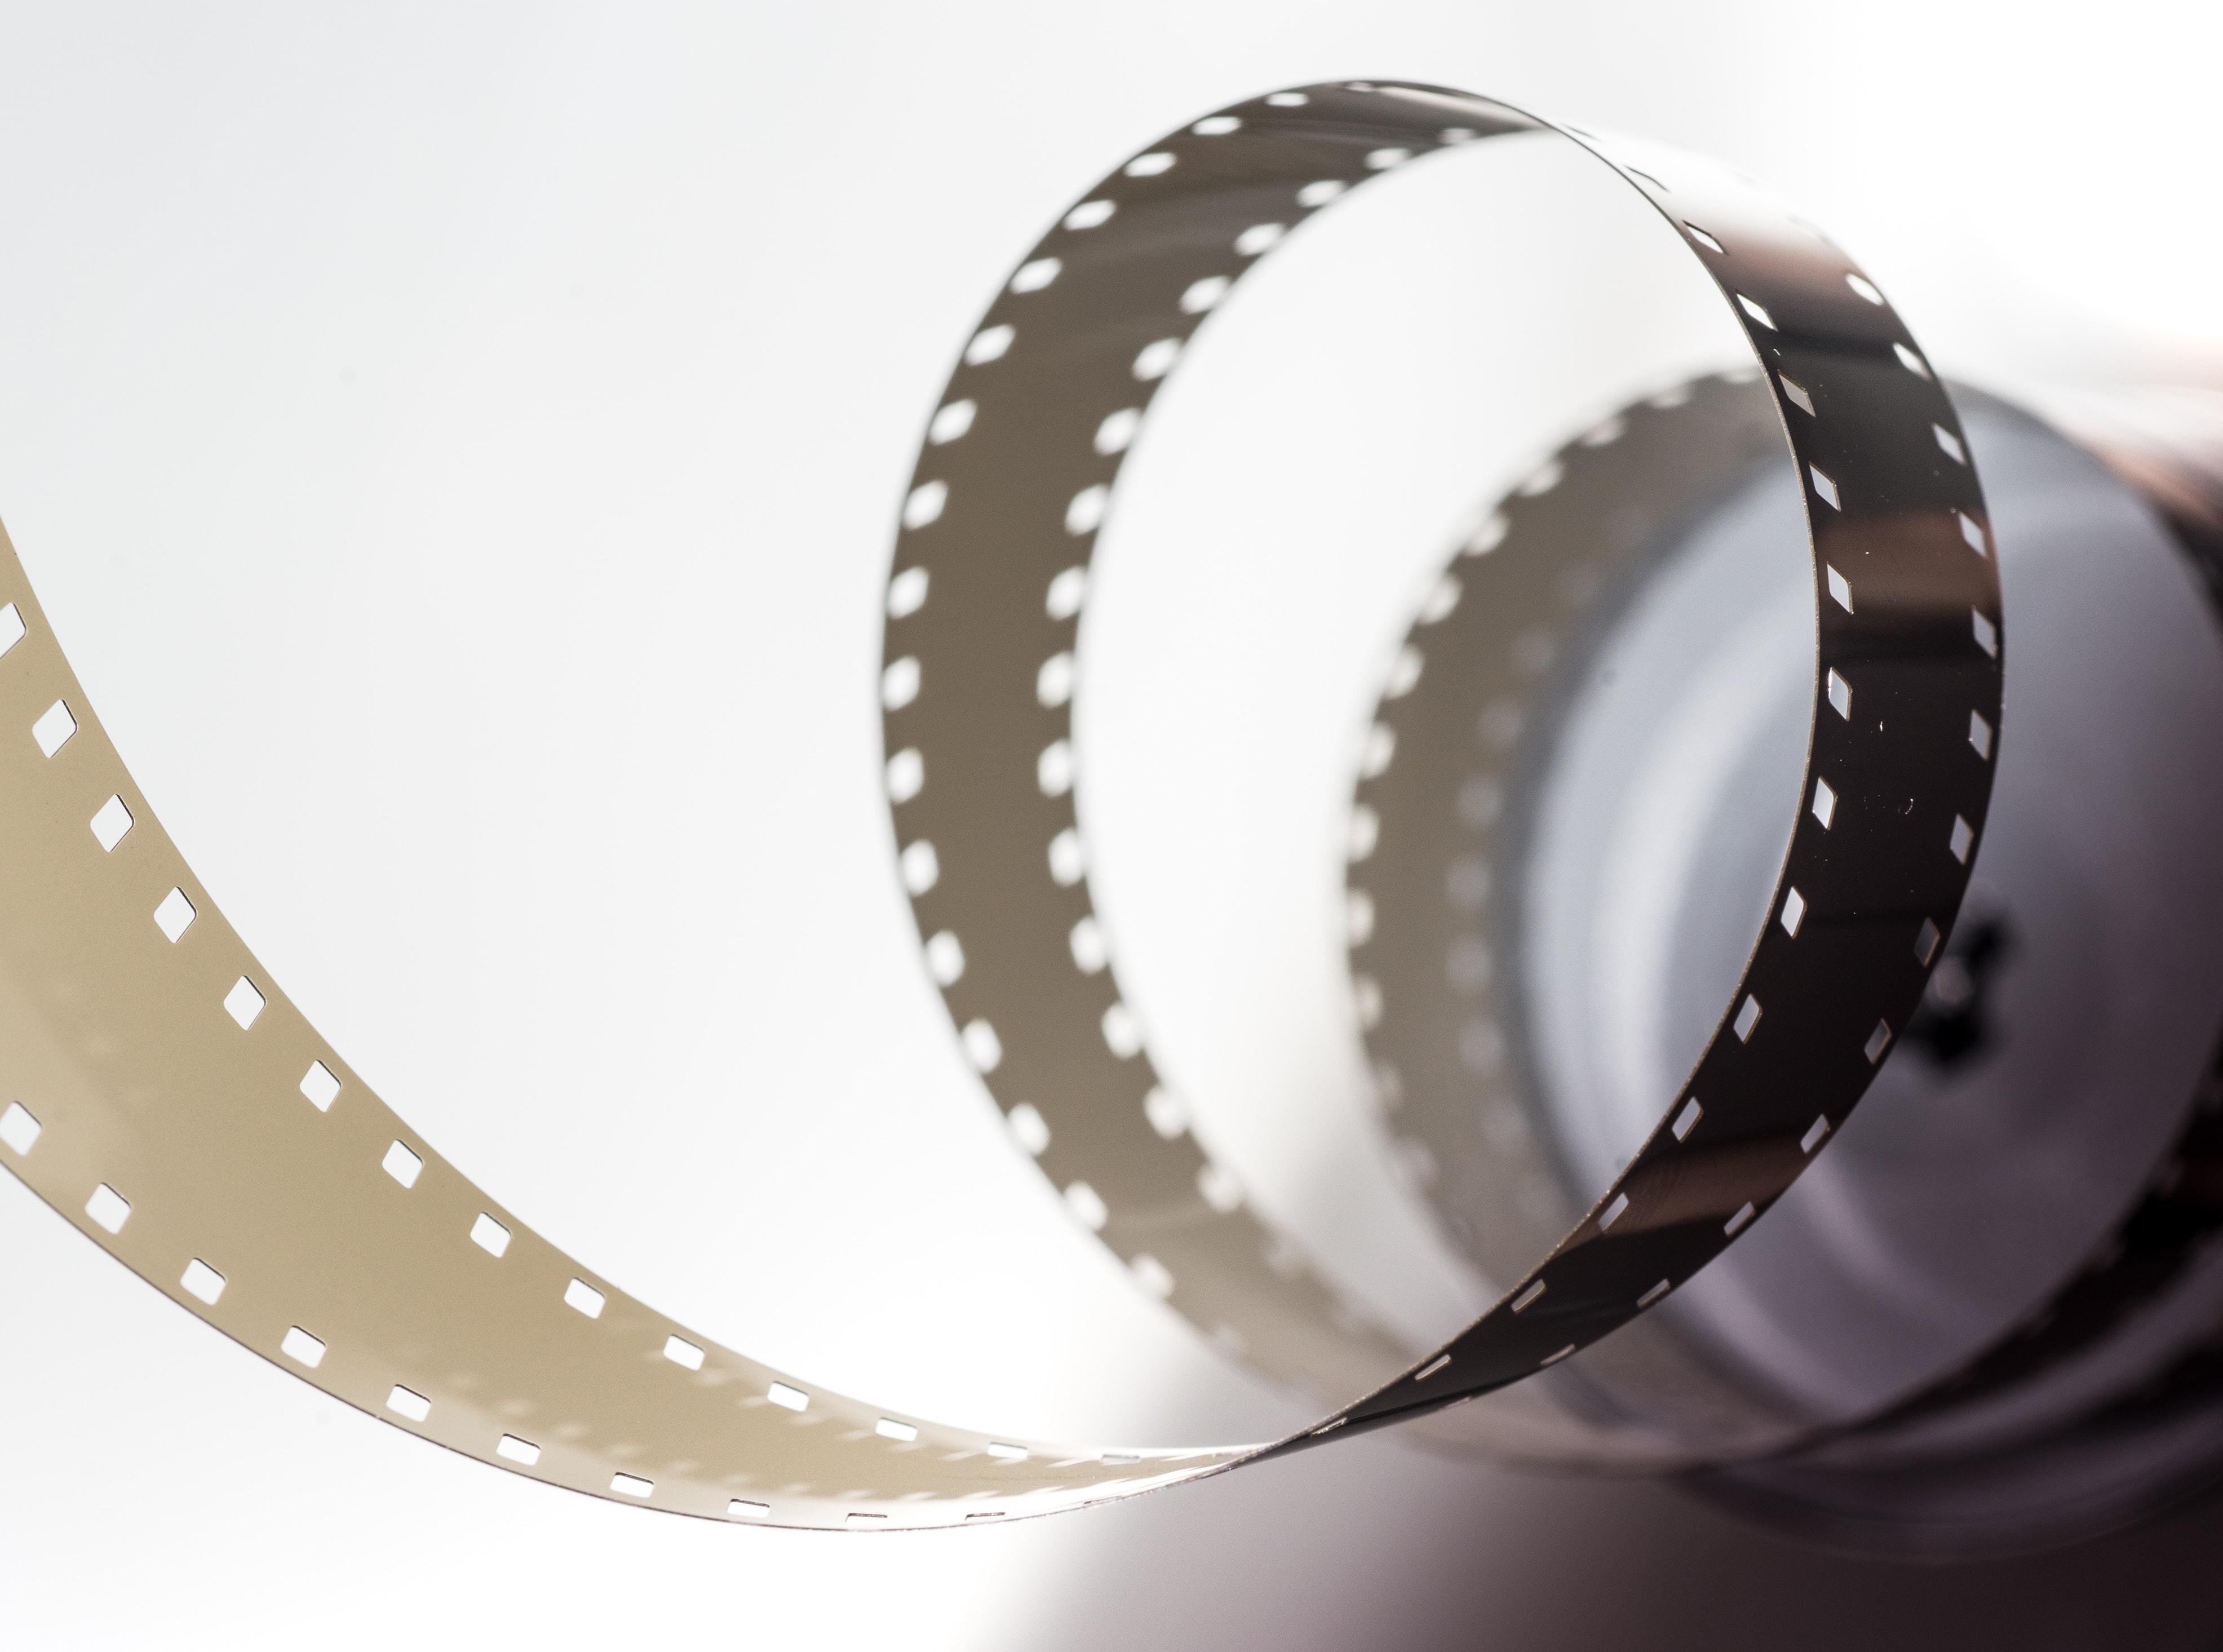 abstract-analog-art-camera-390089.jpg